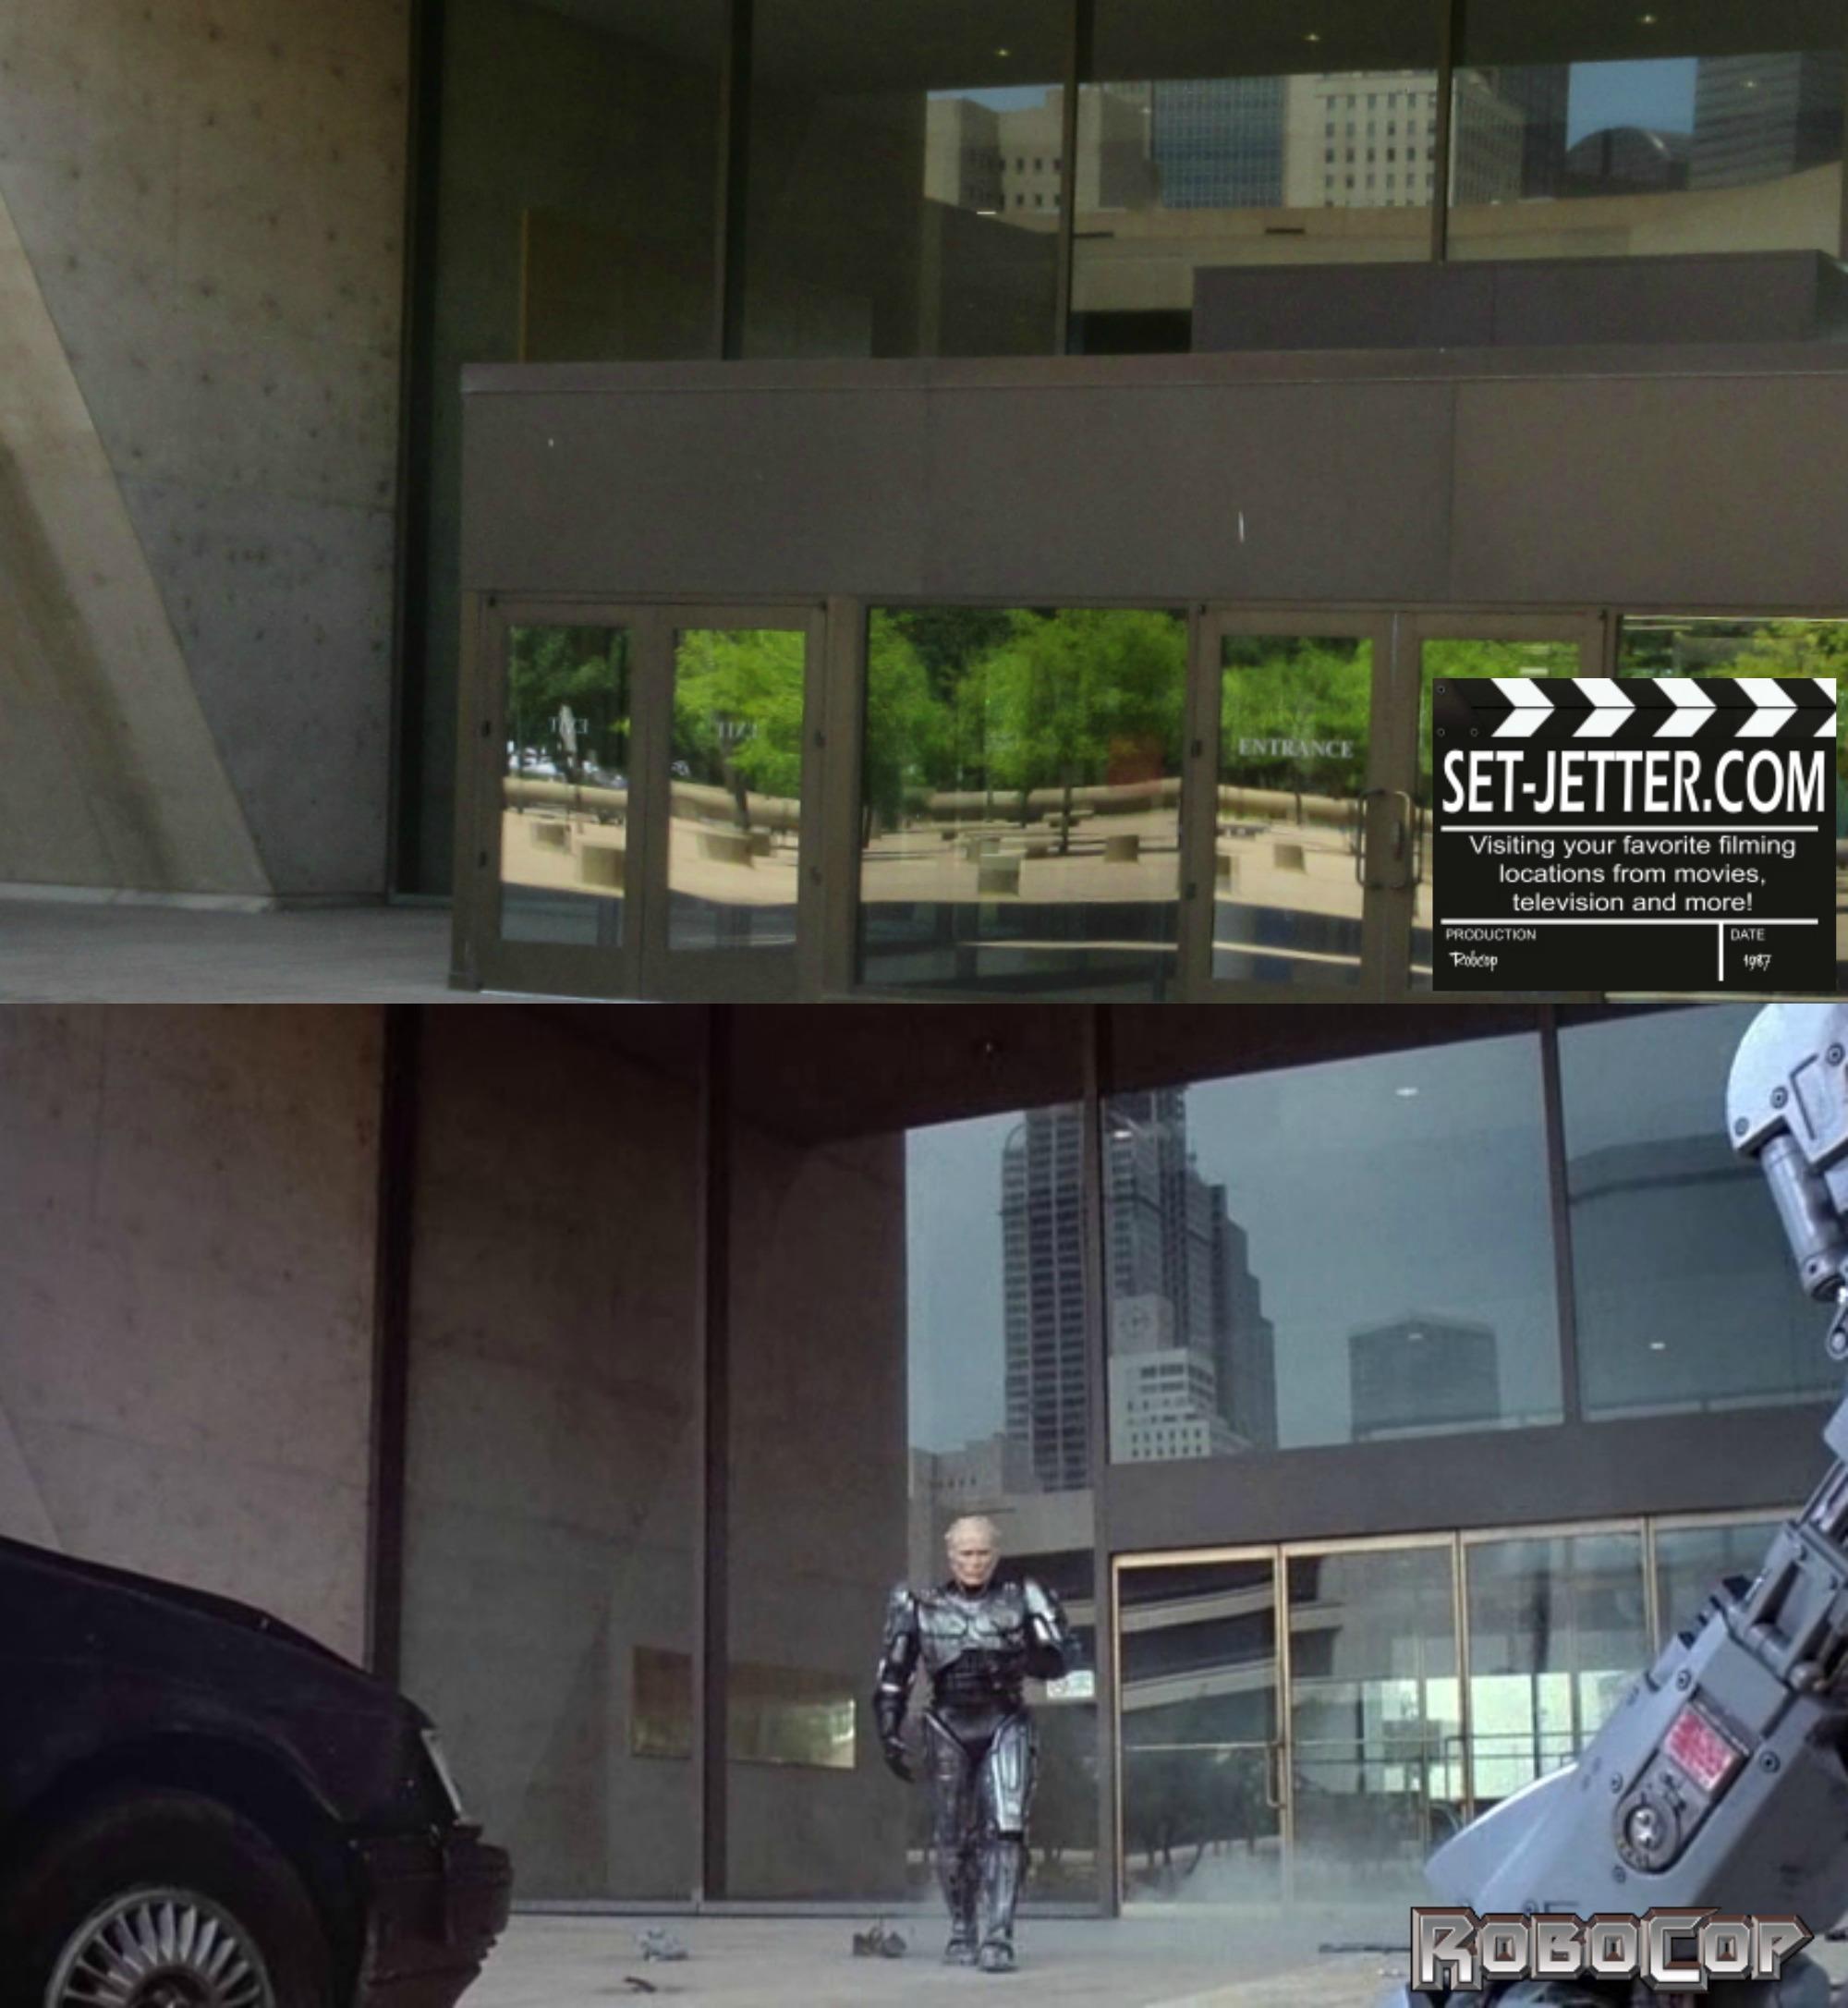 Robocop comparison 178.jpg